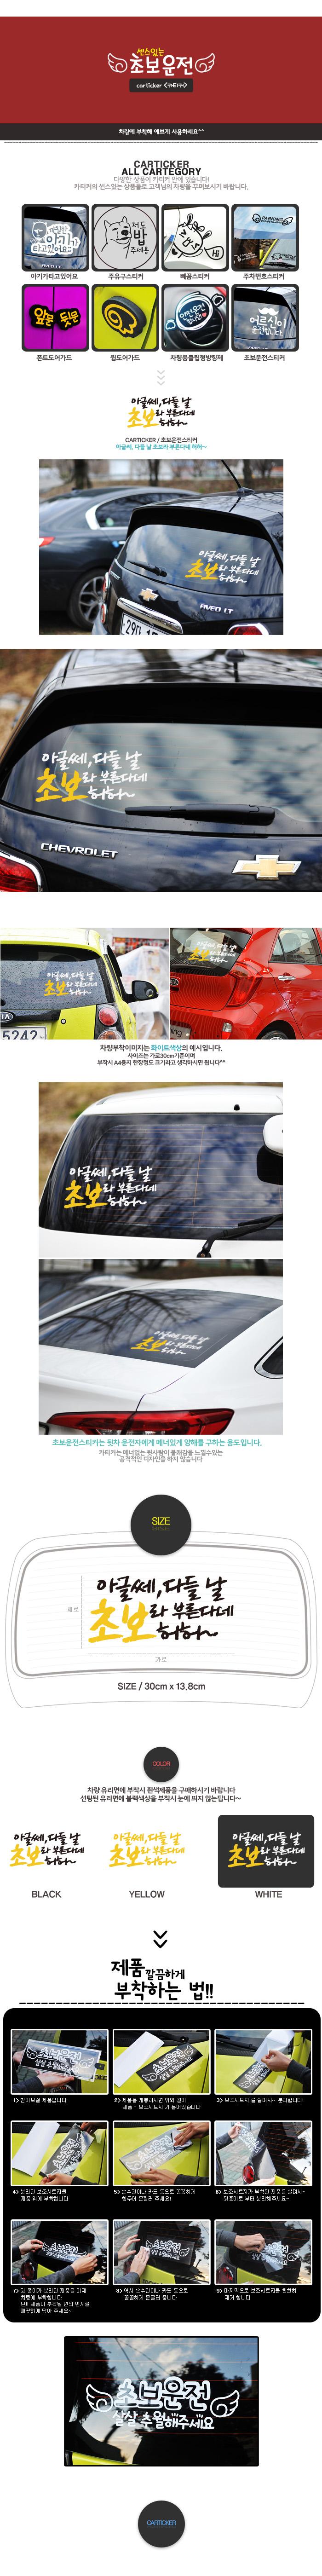 아글쎄 - 초보운전스티커(NEW211) - 카티커, 3,820원, 자동차 스티커, 초보운전/아기탑승/주차 스티커